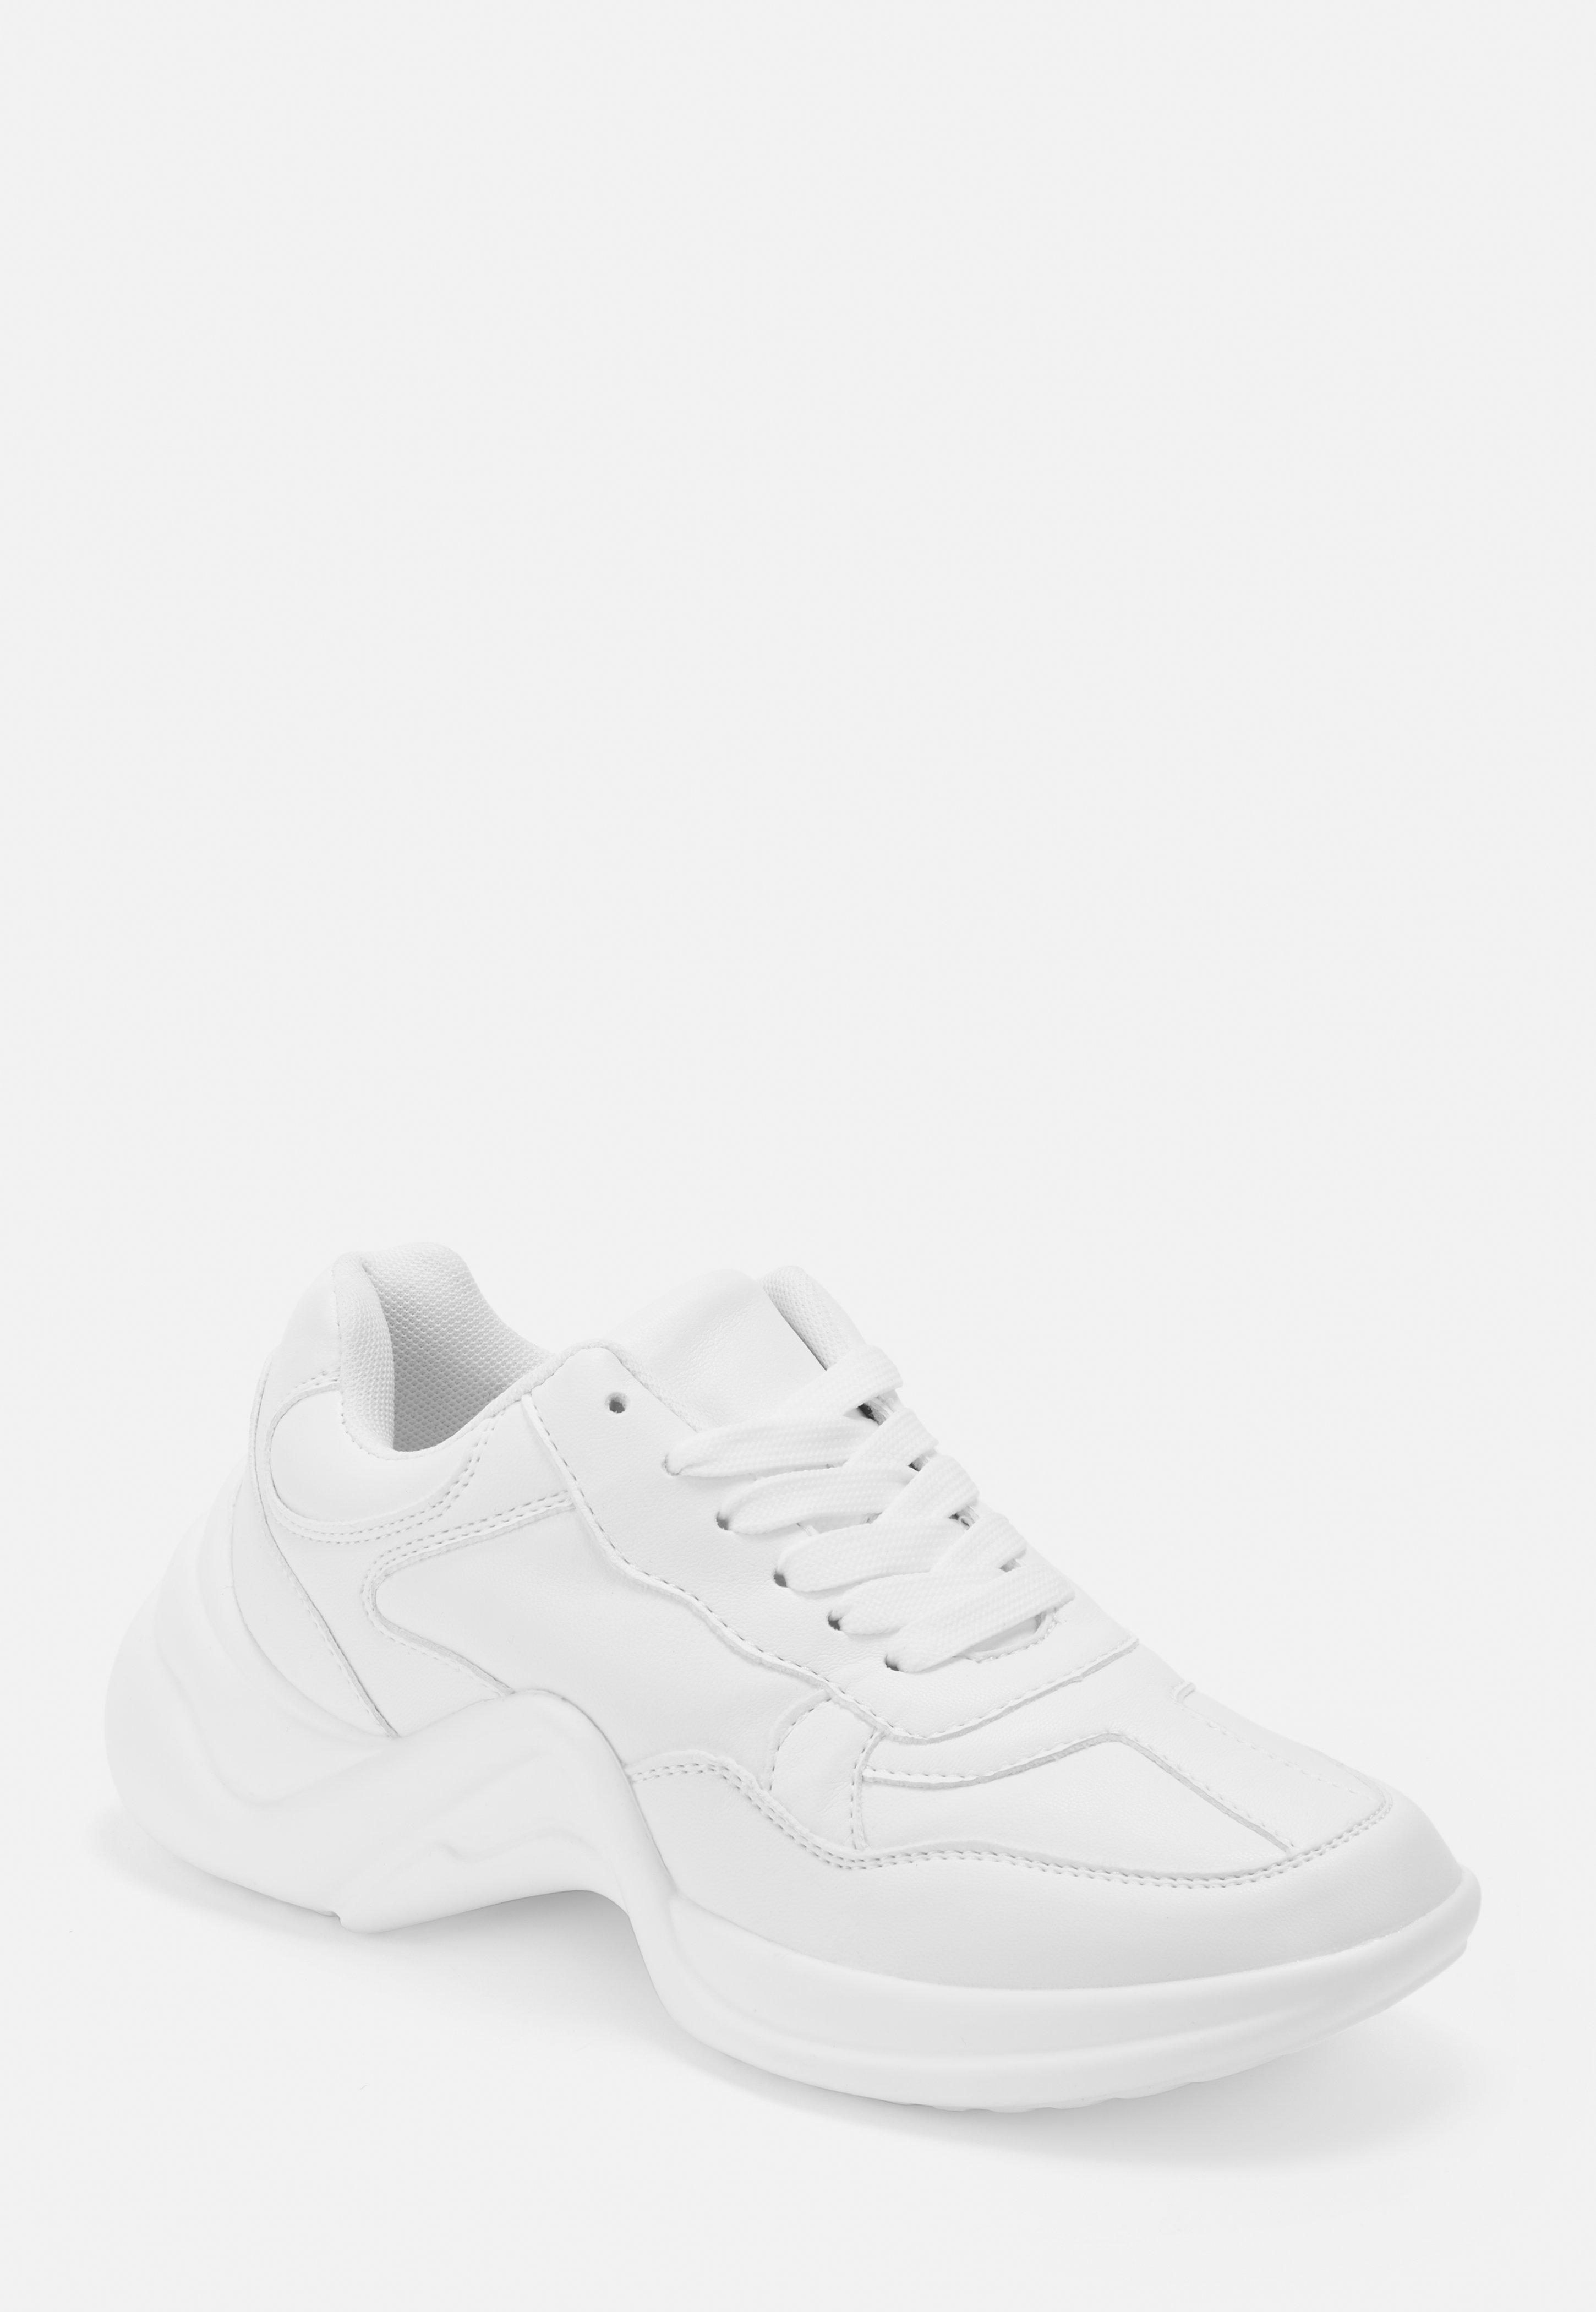 double coupon grande remise de 2019 marques reconnues Baskets blanches à semelles épaisses